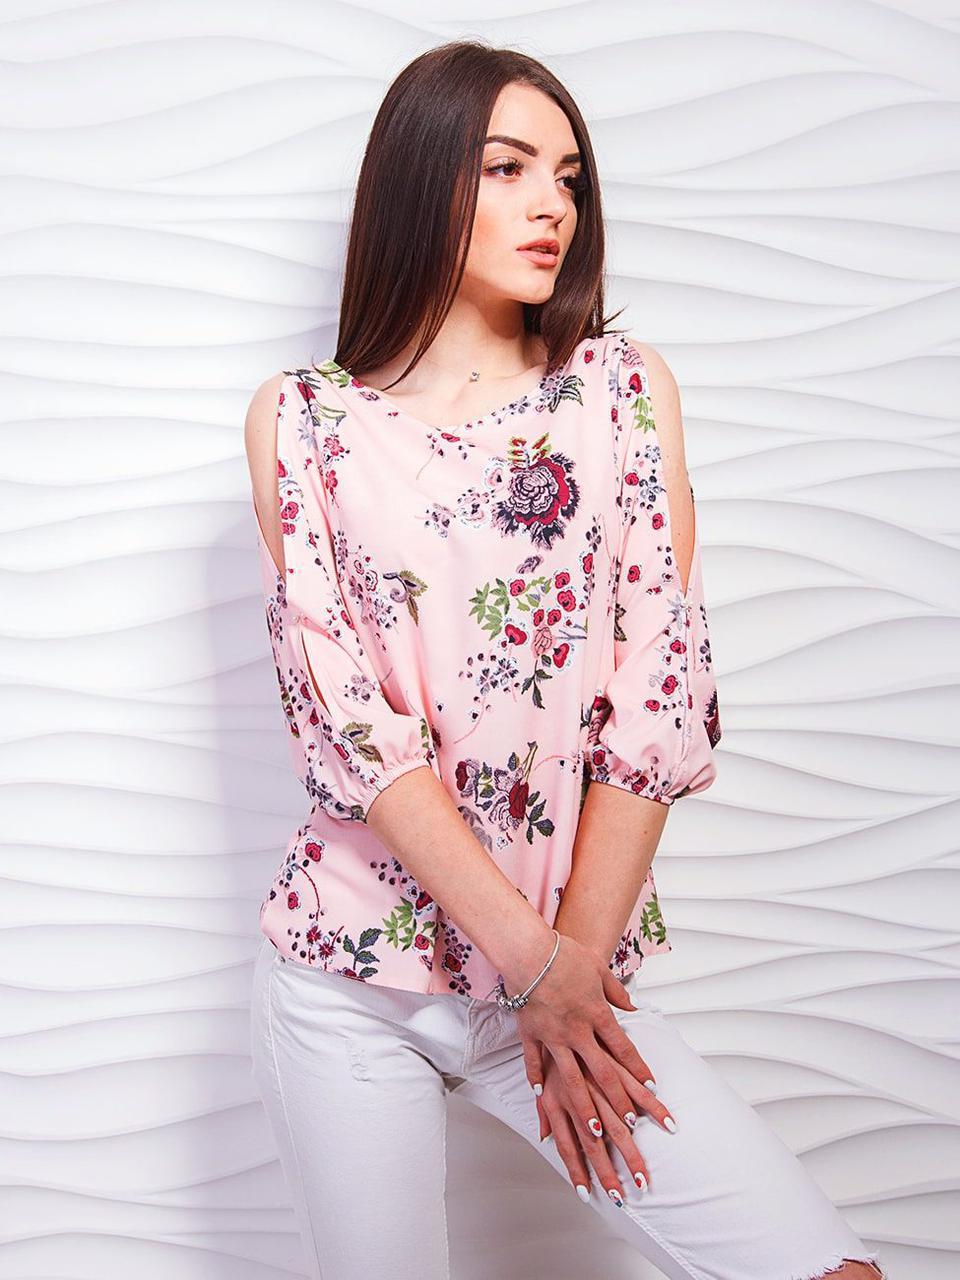 fcd59252ef8 Блуза из принтованной ткани с элегантными разрезами на рукавах ...